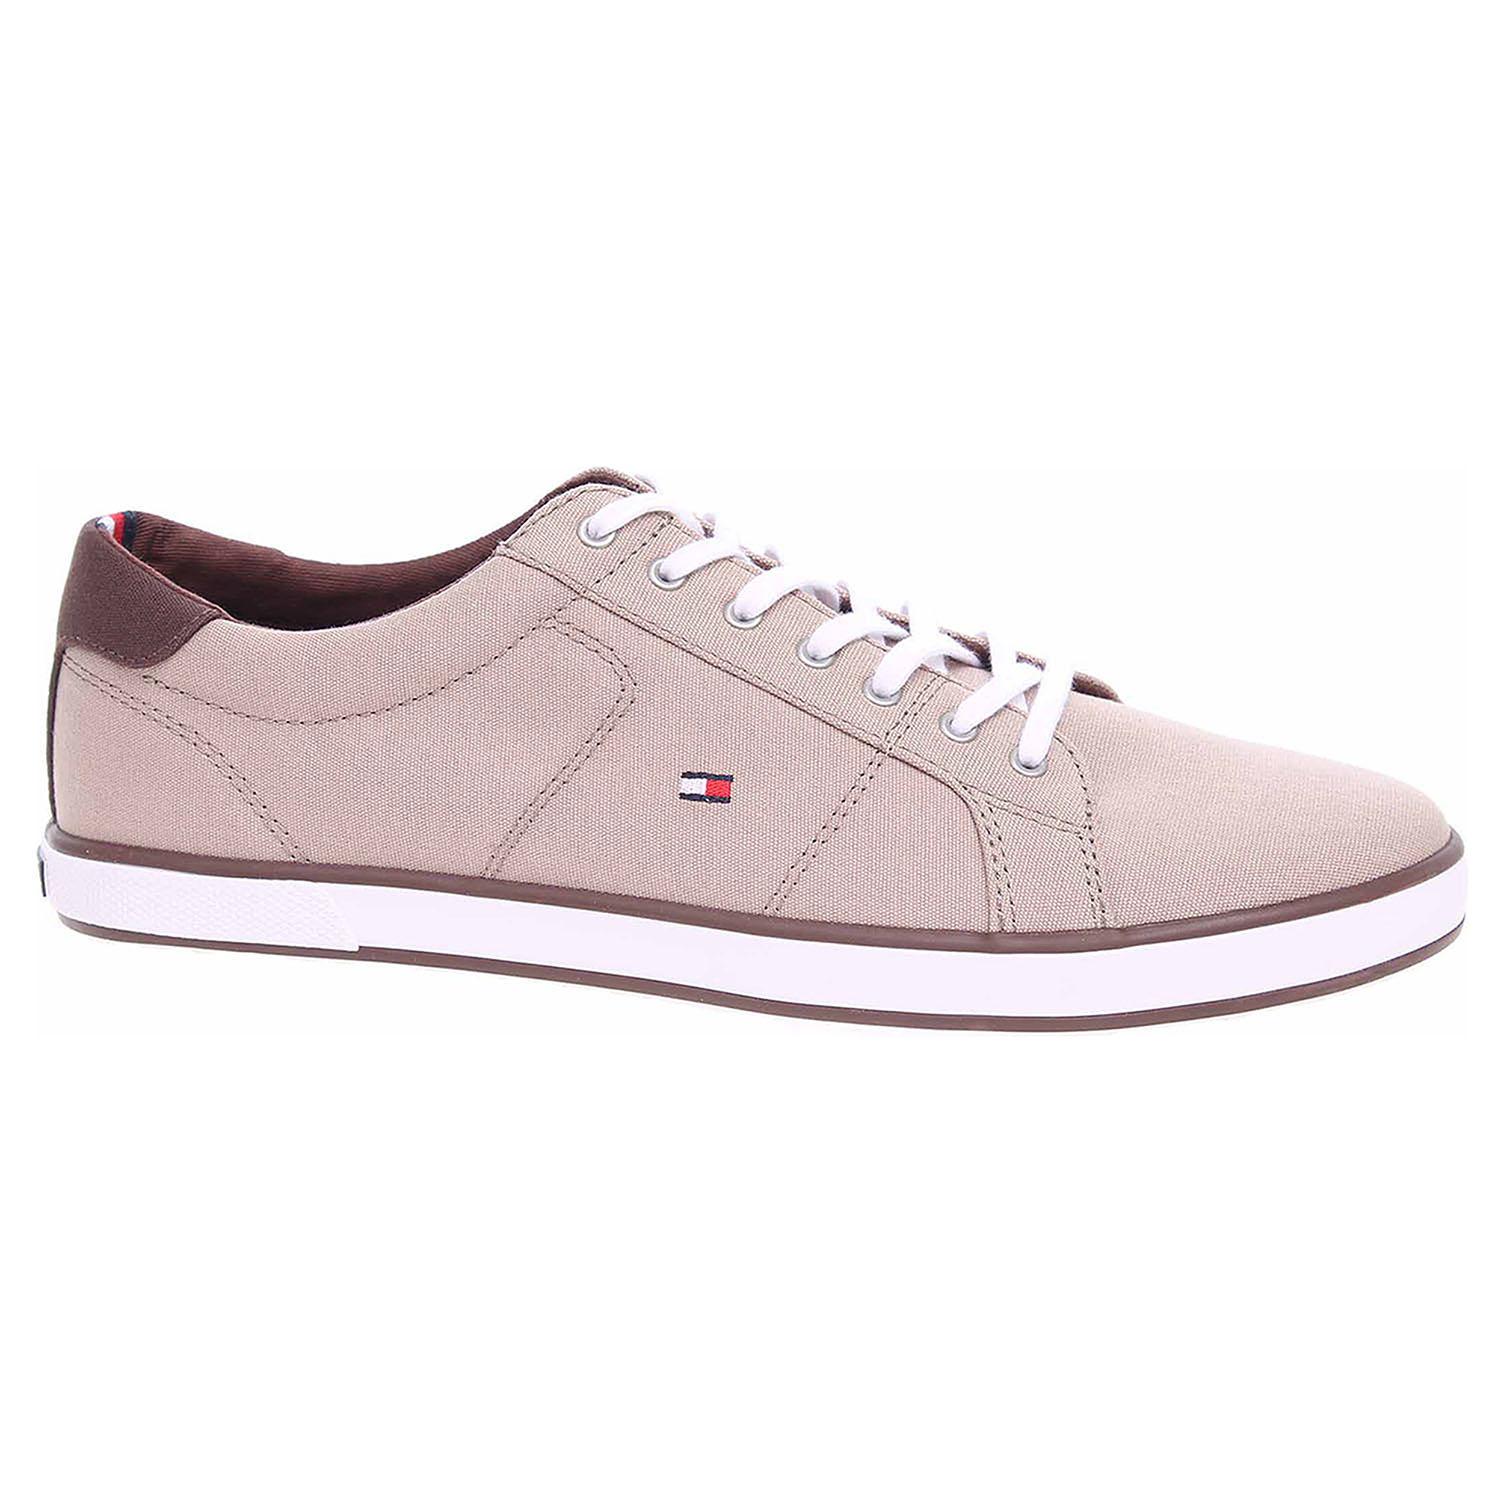 f8a9379130 detail Pánská obuv Tommy Hilfiger FM0FM01536 cobblestone